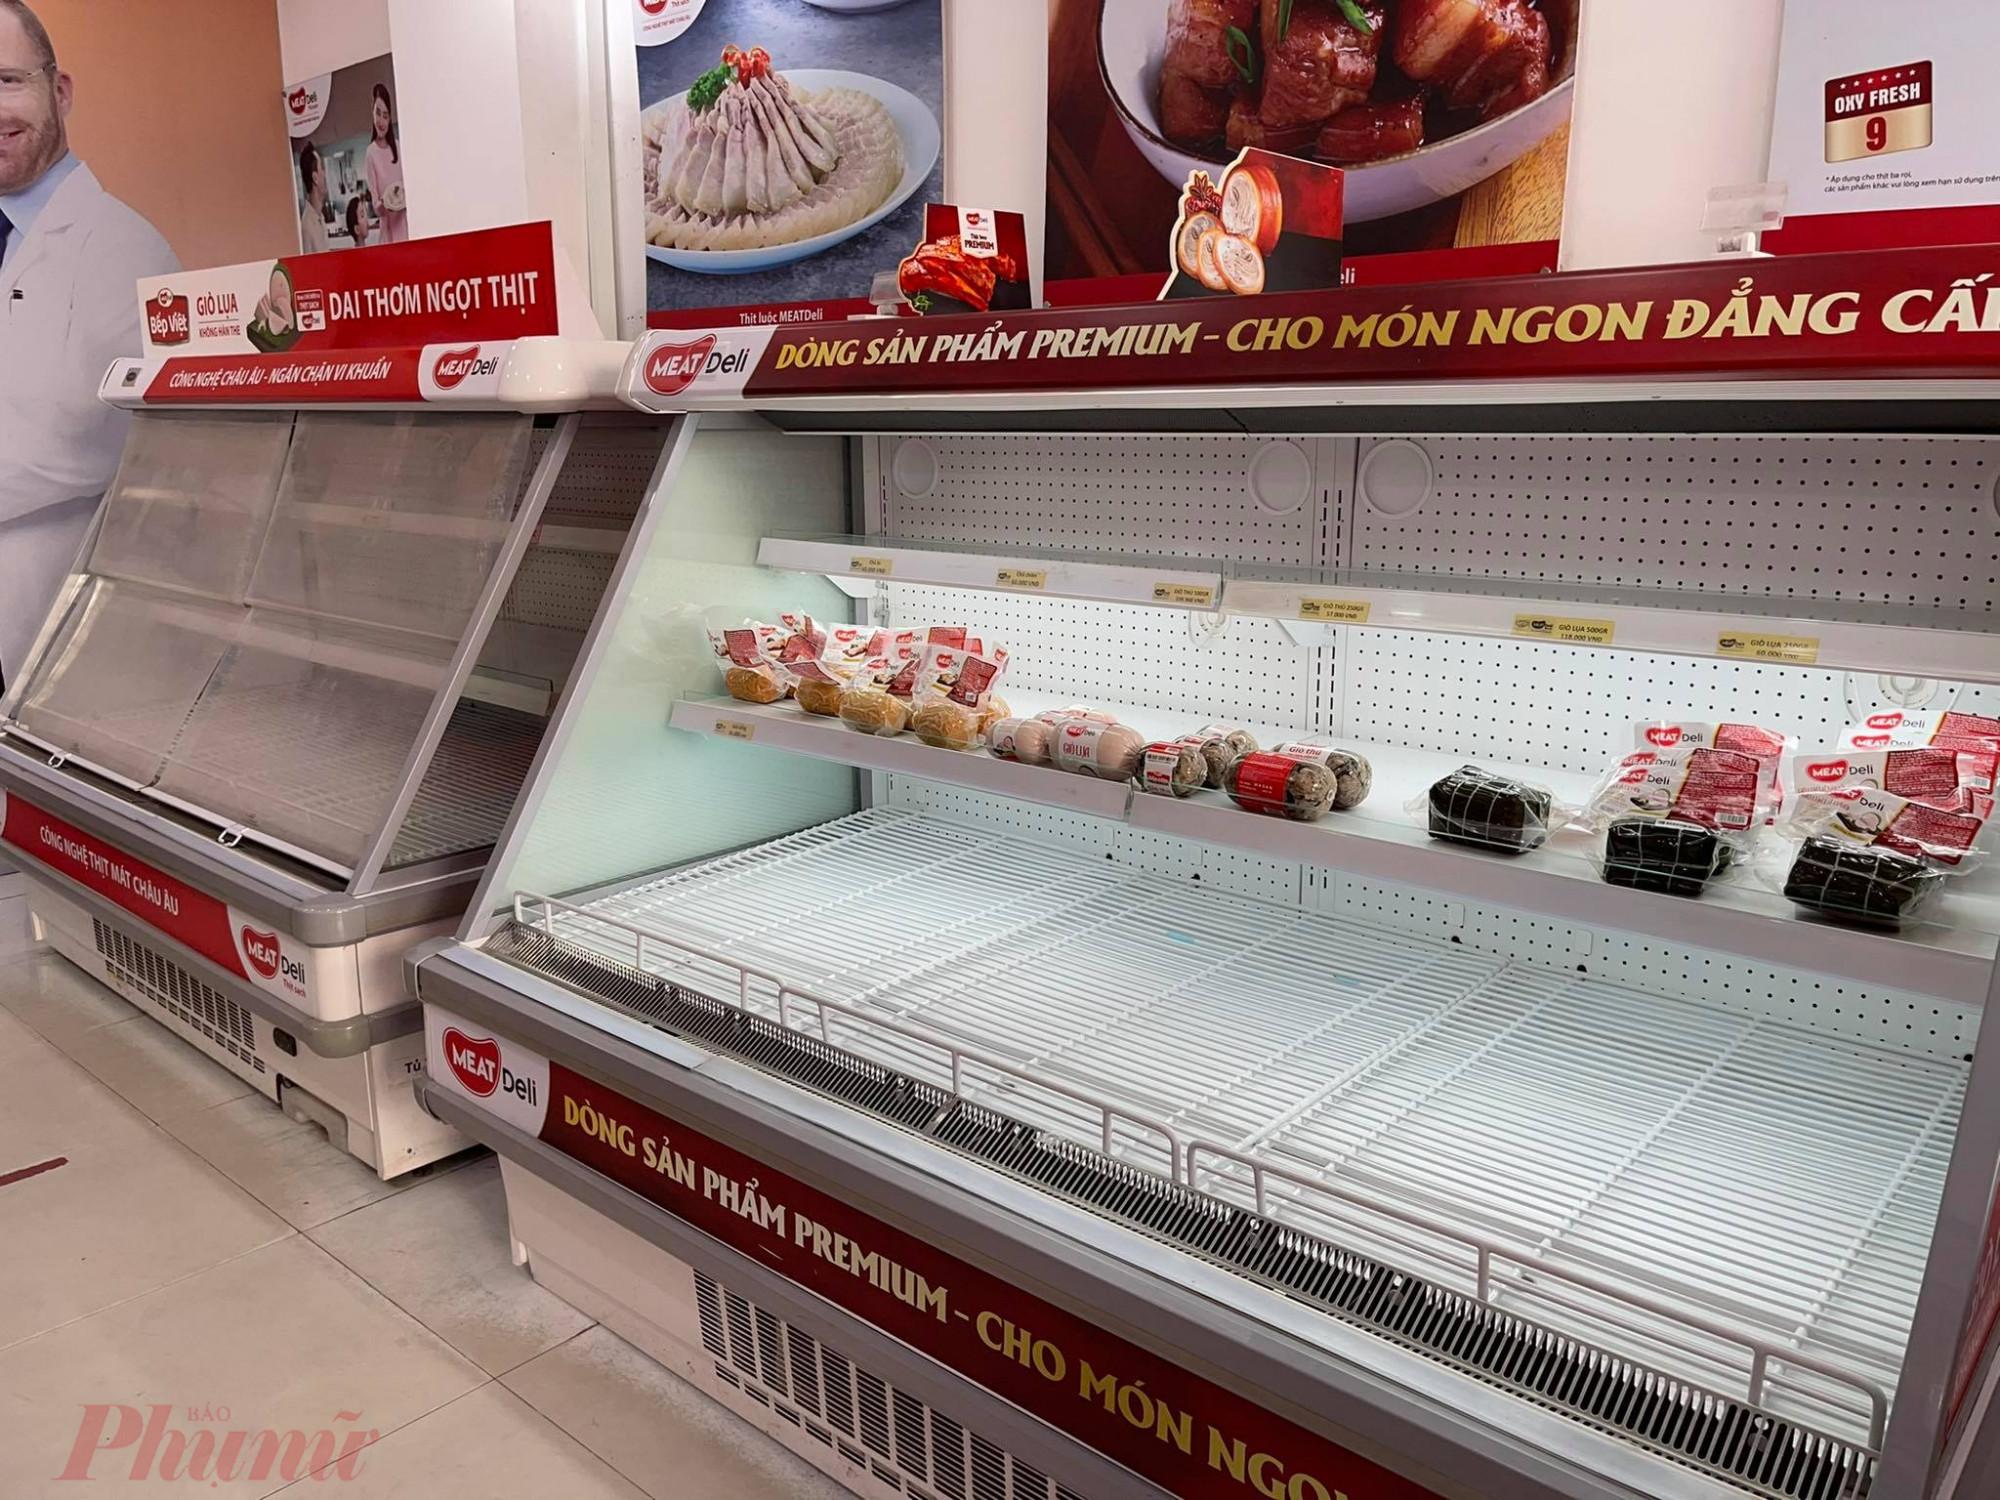 Riêng cửa  hàng  thịt  sạch  Meat Deli  Lê Thị Hồng (Q.Gò  Vấp) thì  hoàn toàn không còn sản phẩm nào